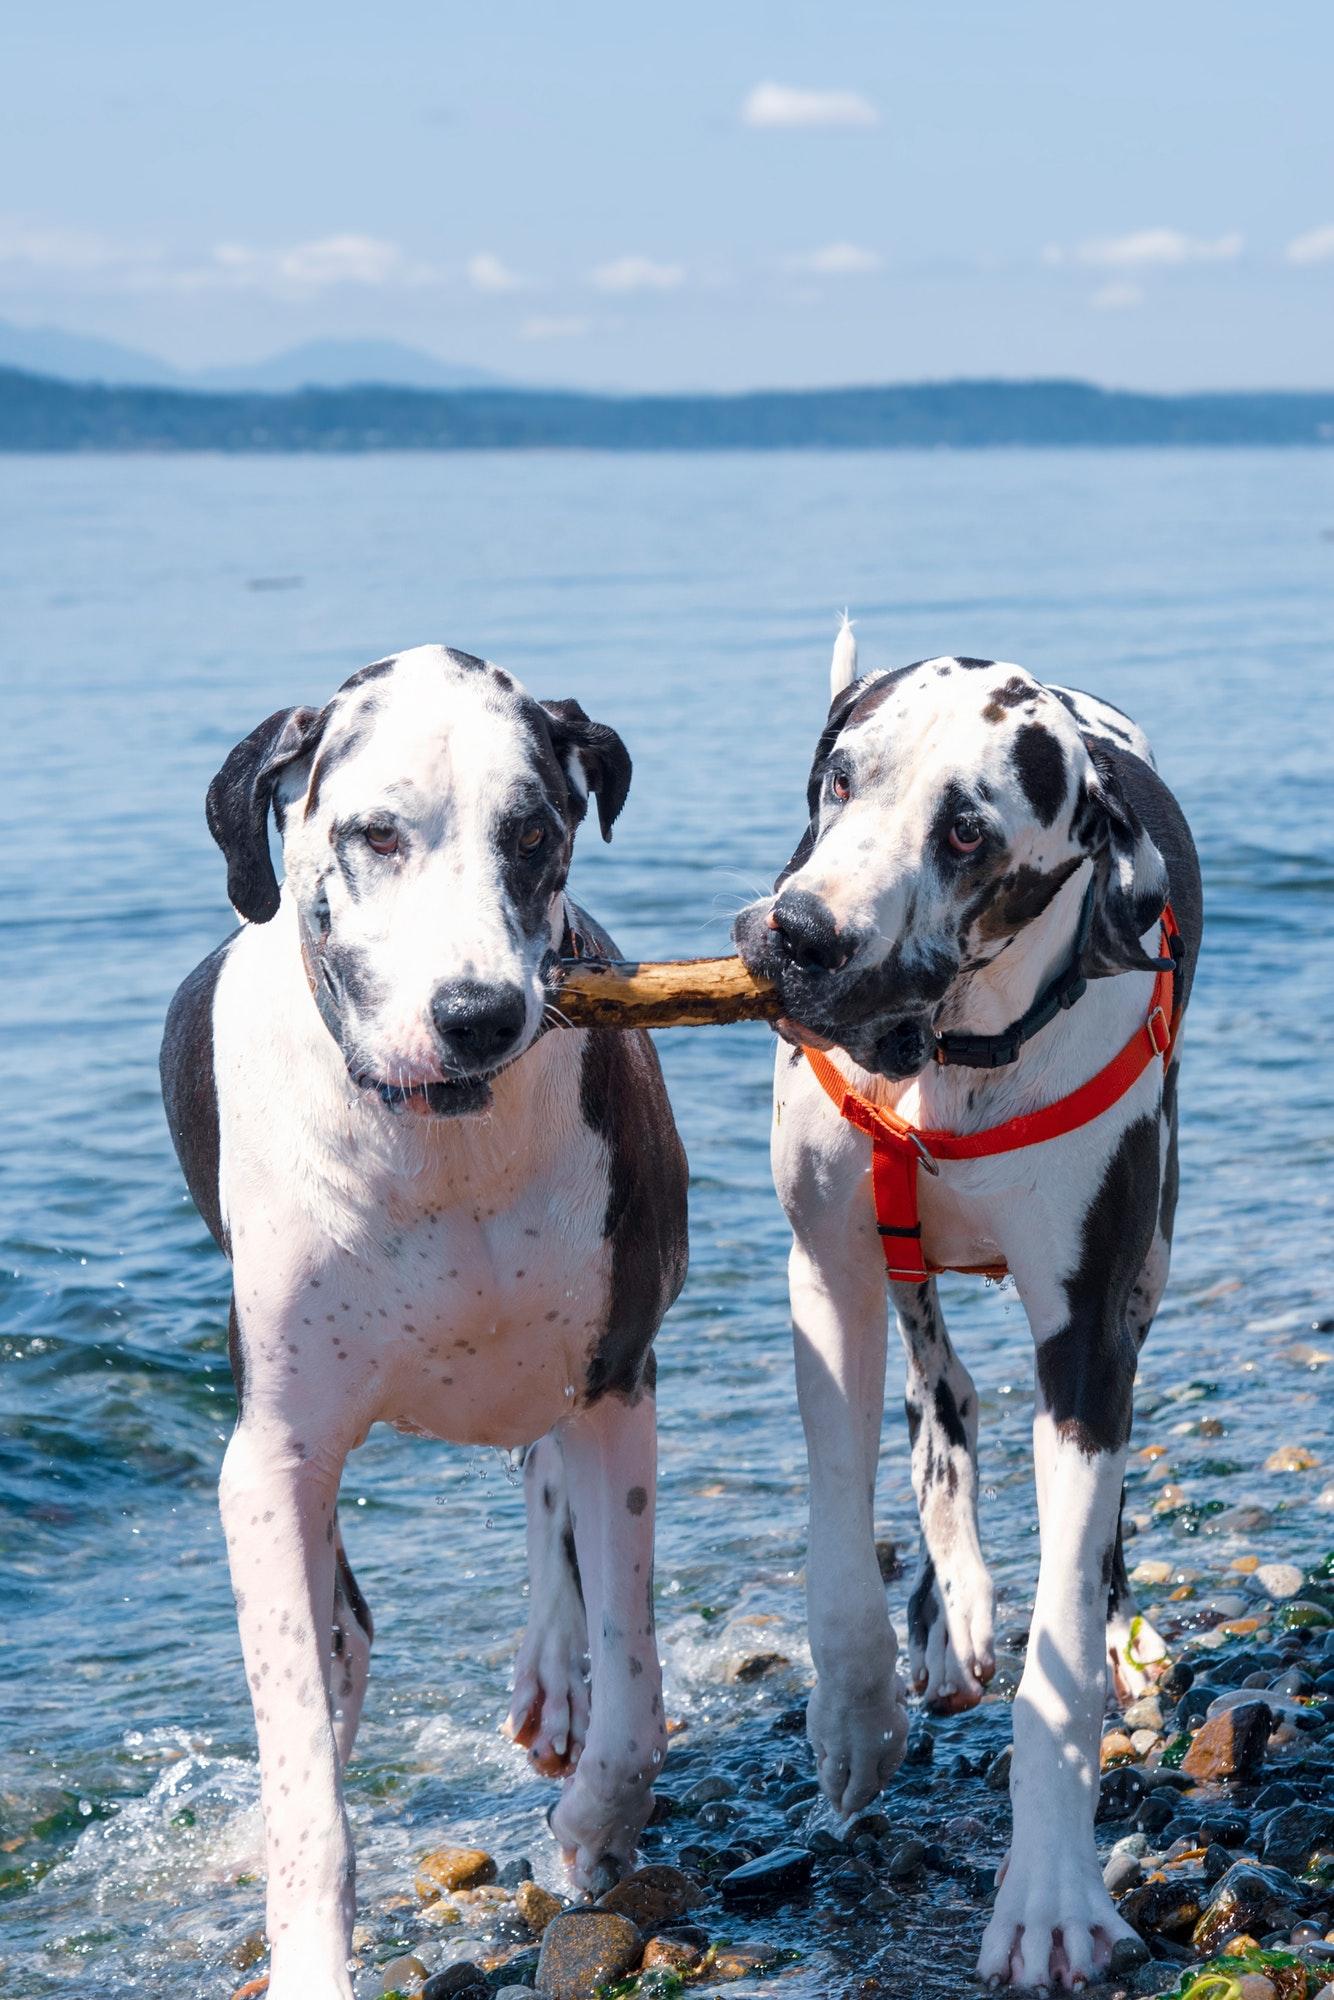 Søger du f.eks. hundetræning Vedbæk, hvalpetræning Vedbæk eller hvalpetræning Rungsted kyst? Læs hvad Hunde-Livs hundetræner tilbyder lokalt